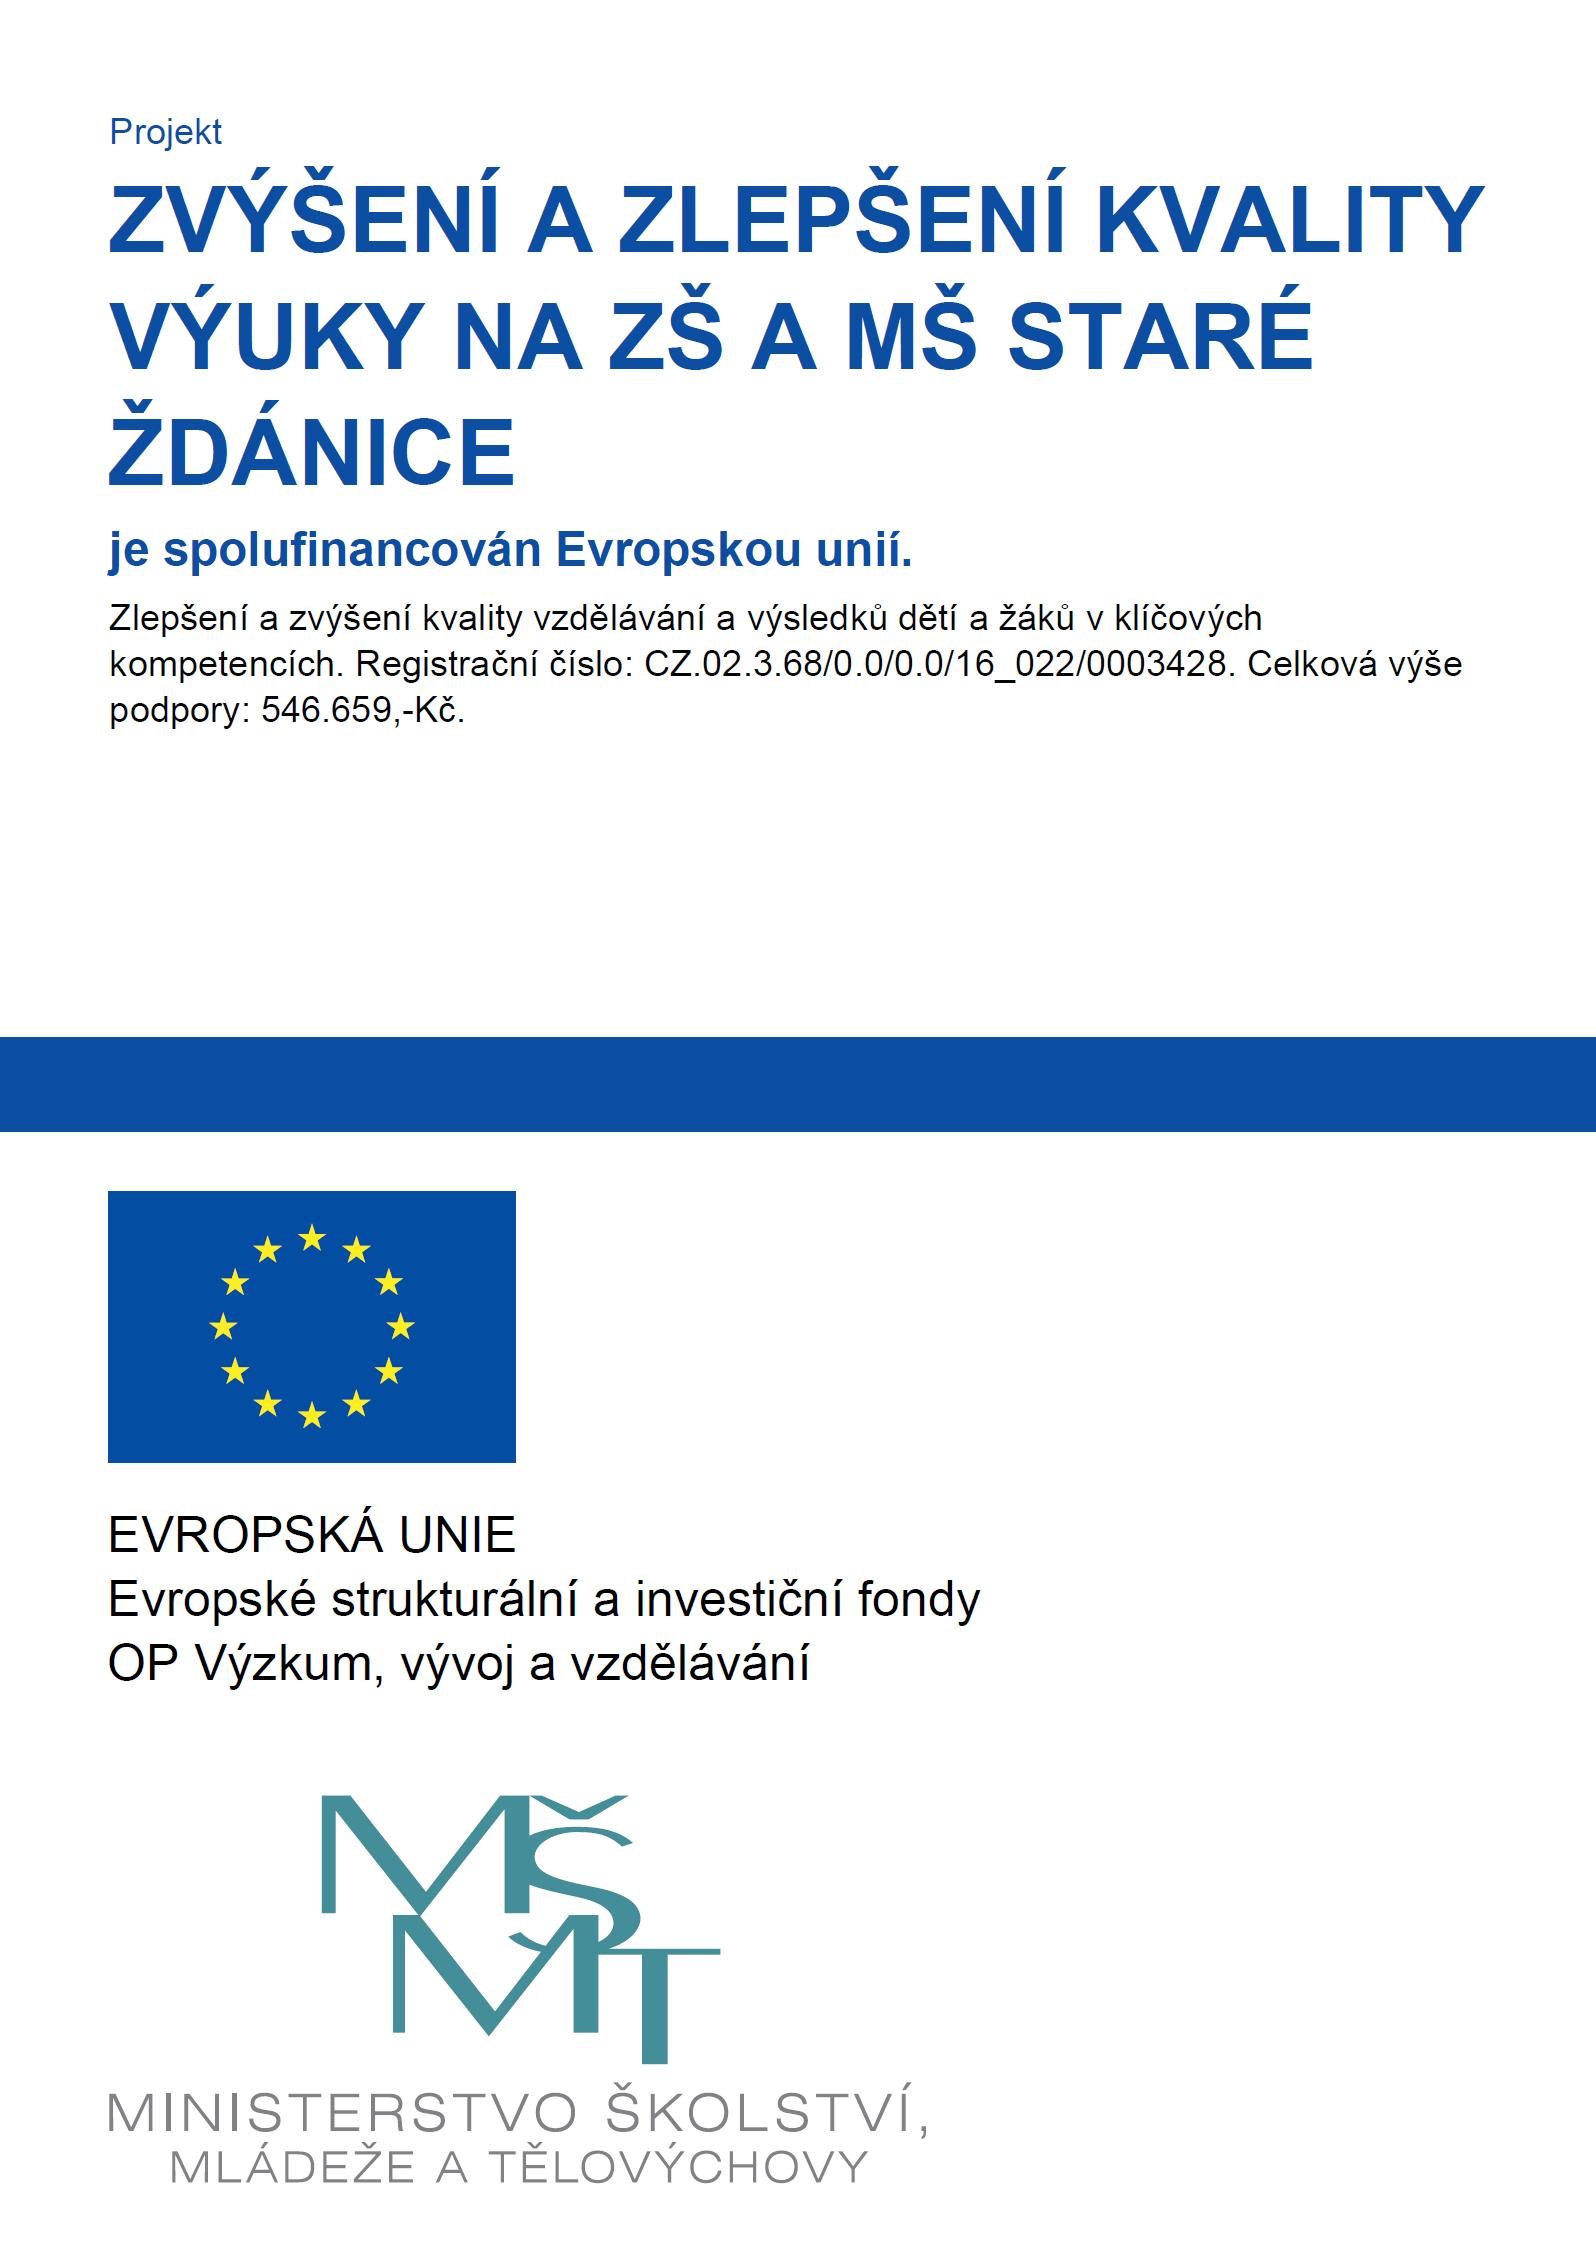 euprojekt